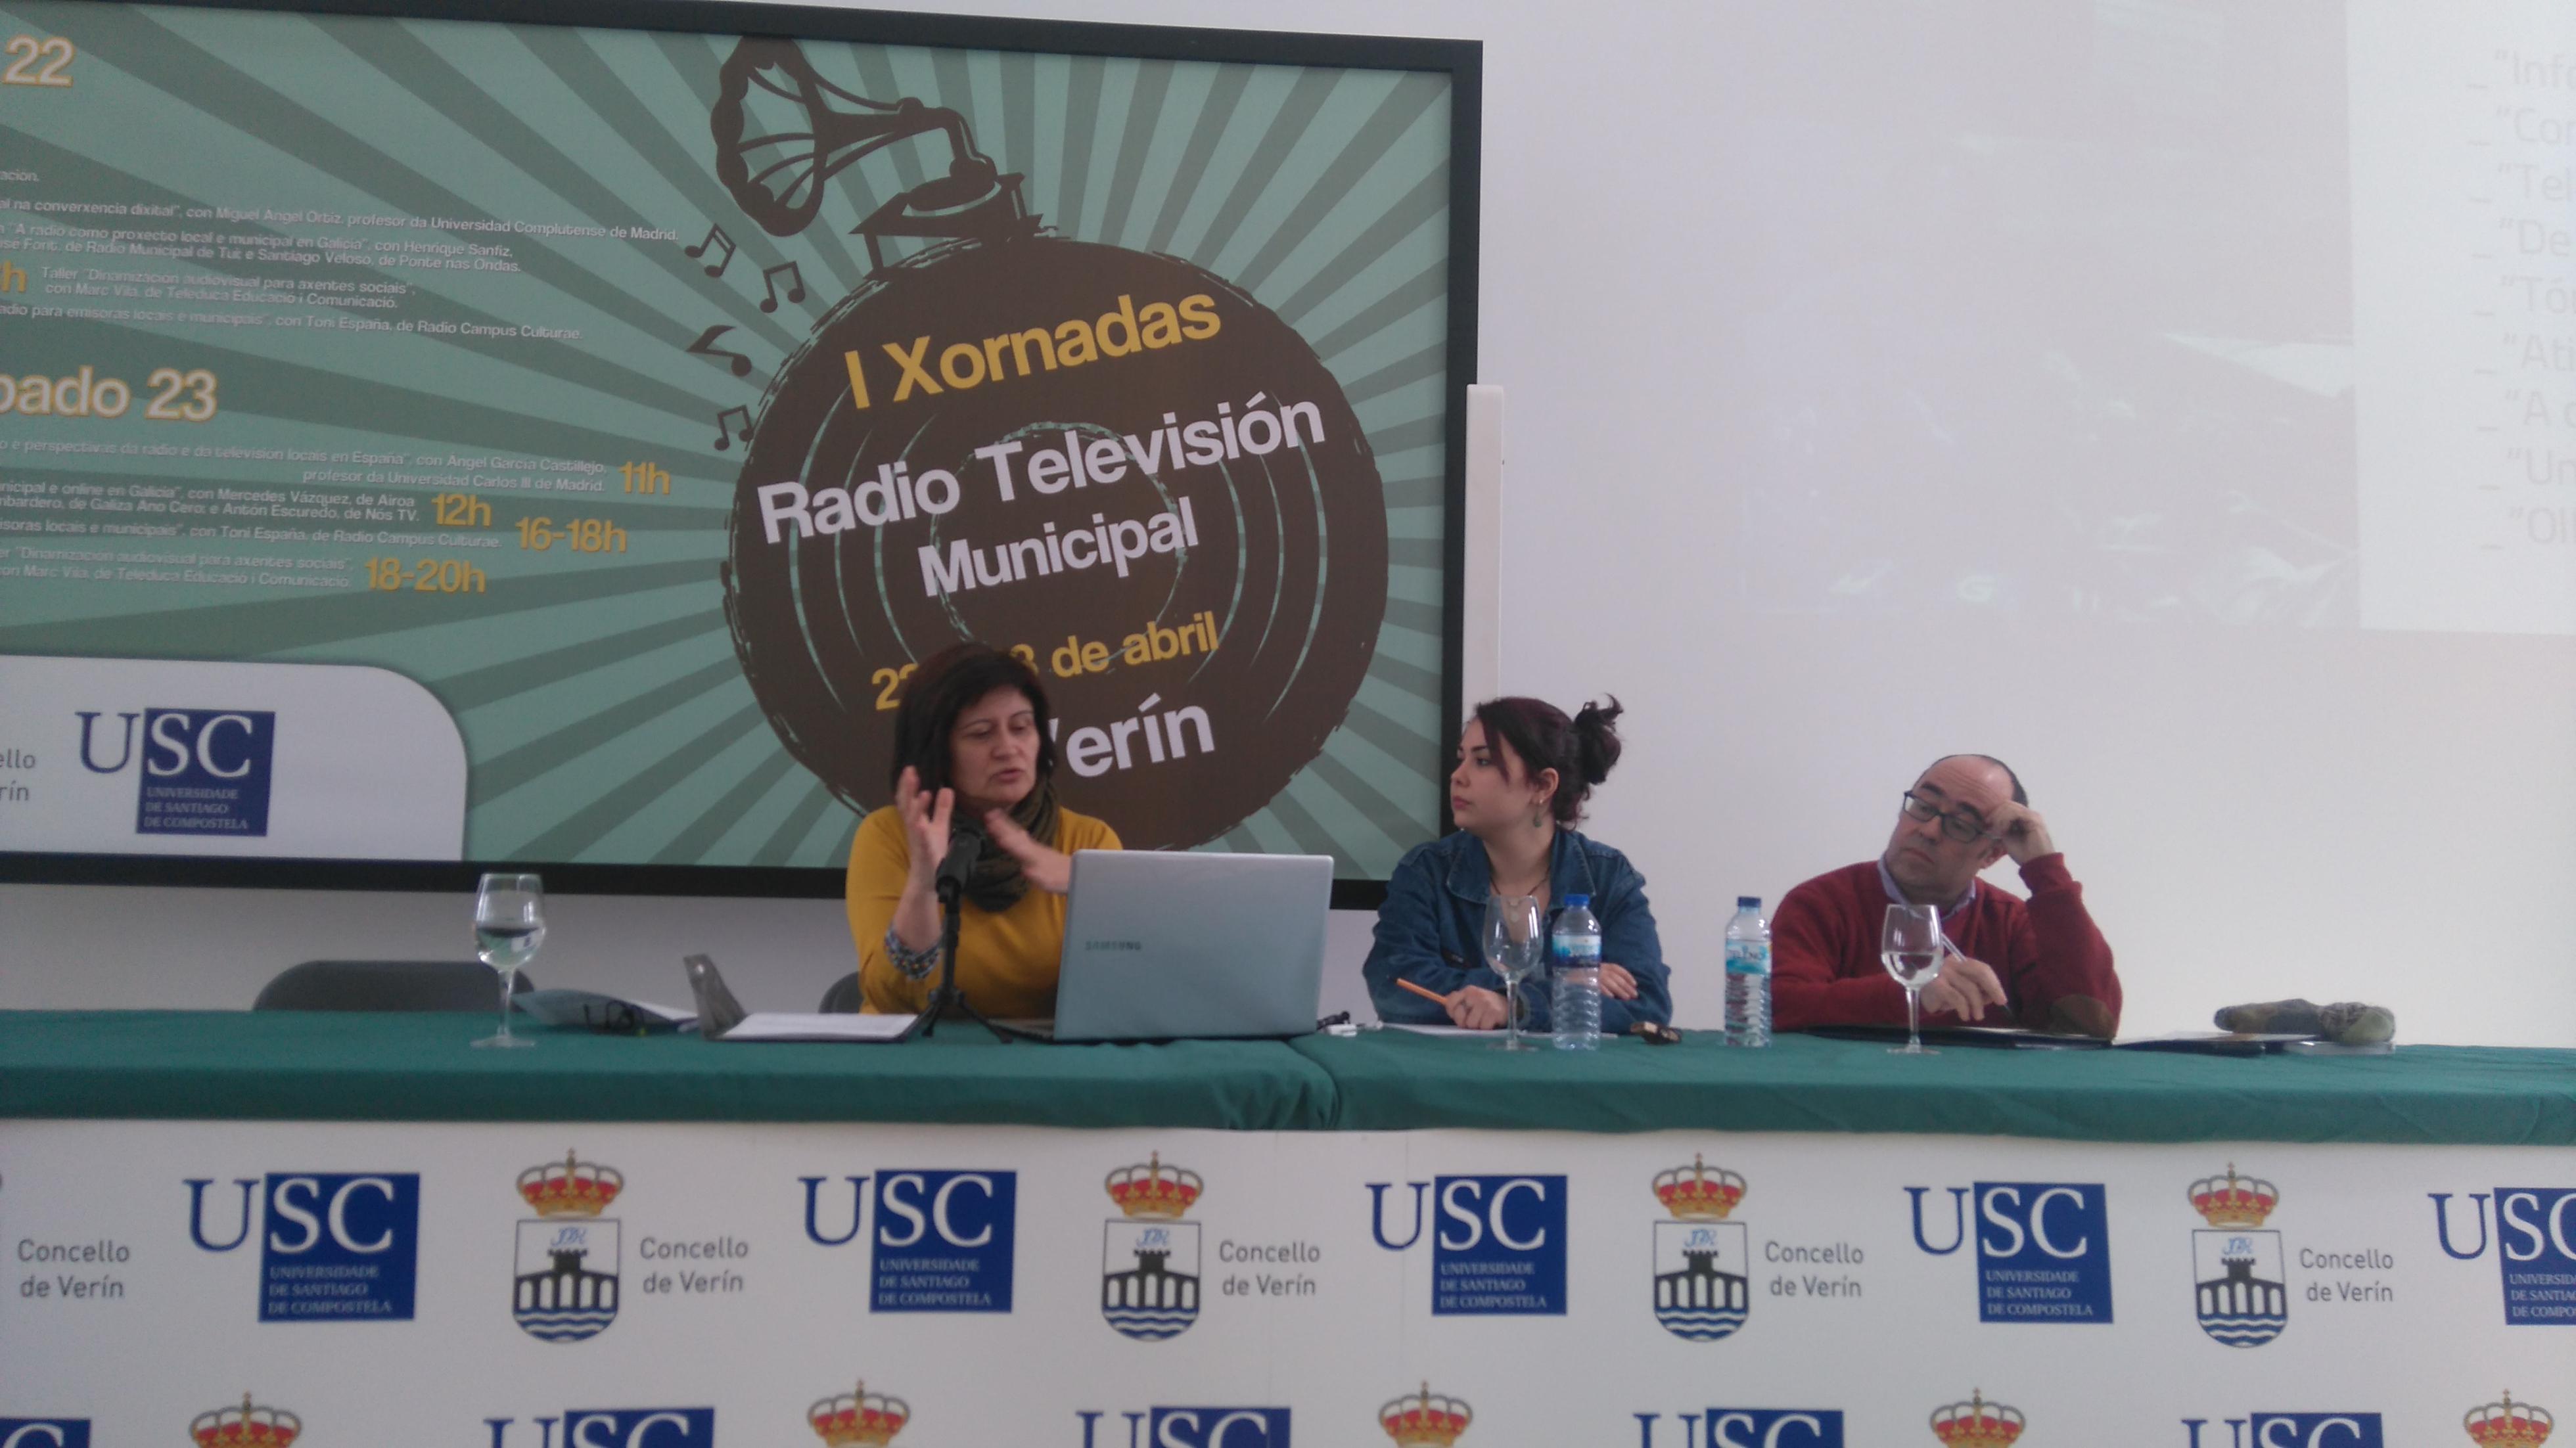 Mesa redonda sobre televisión local, municipal e online. De esquerda a dereita: Mercedes Vázquez (Televinte), Nagore Fernández (moderadora) e Antón Escudero (Nós TV)| ©María Losada